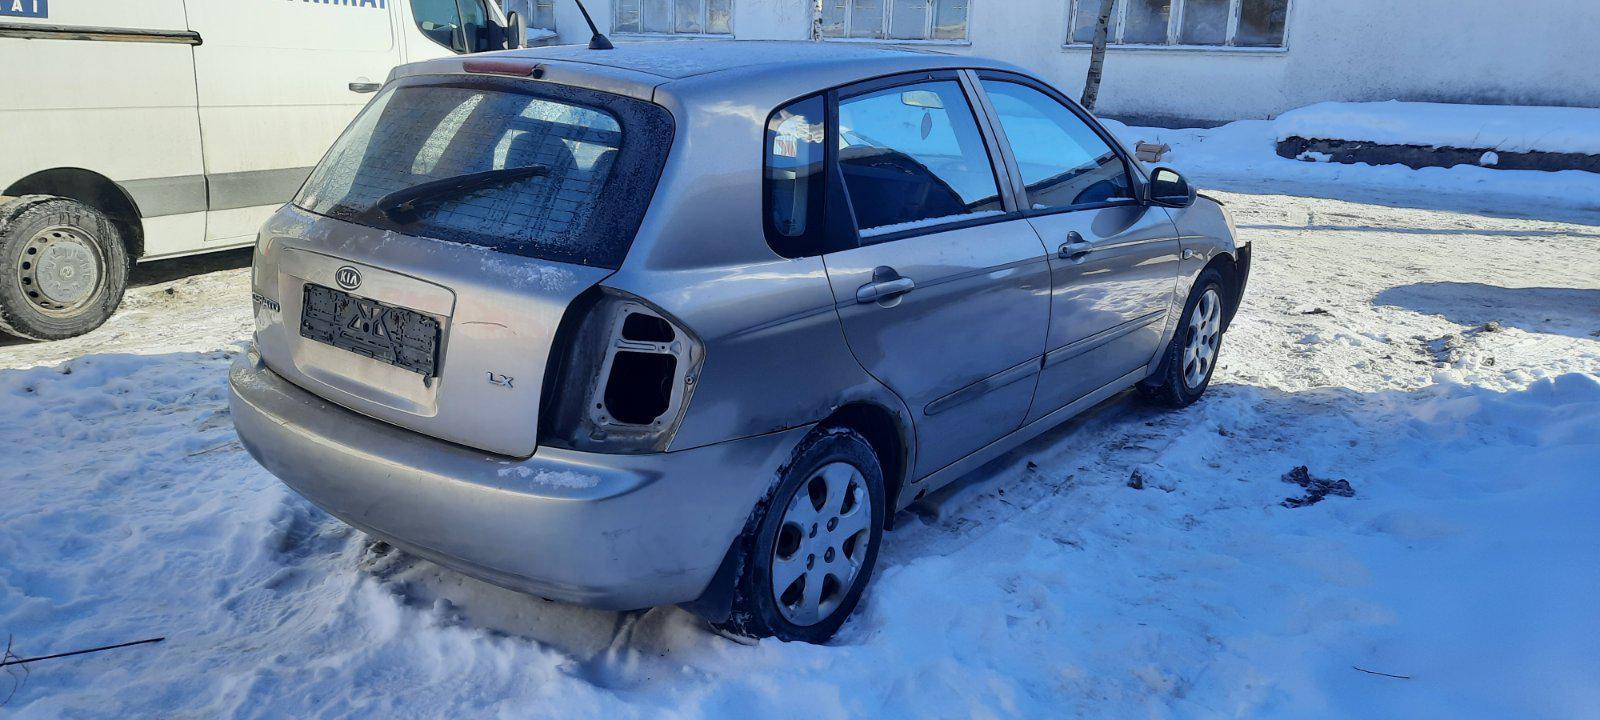 Подержанные Автозапчасти Foto 2 Kia CERATO 2004 1.6 машиностроение хэтчбэк 4/5 d. Браун 2021-2-17 A6057